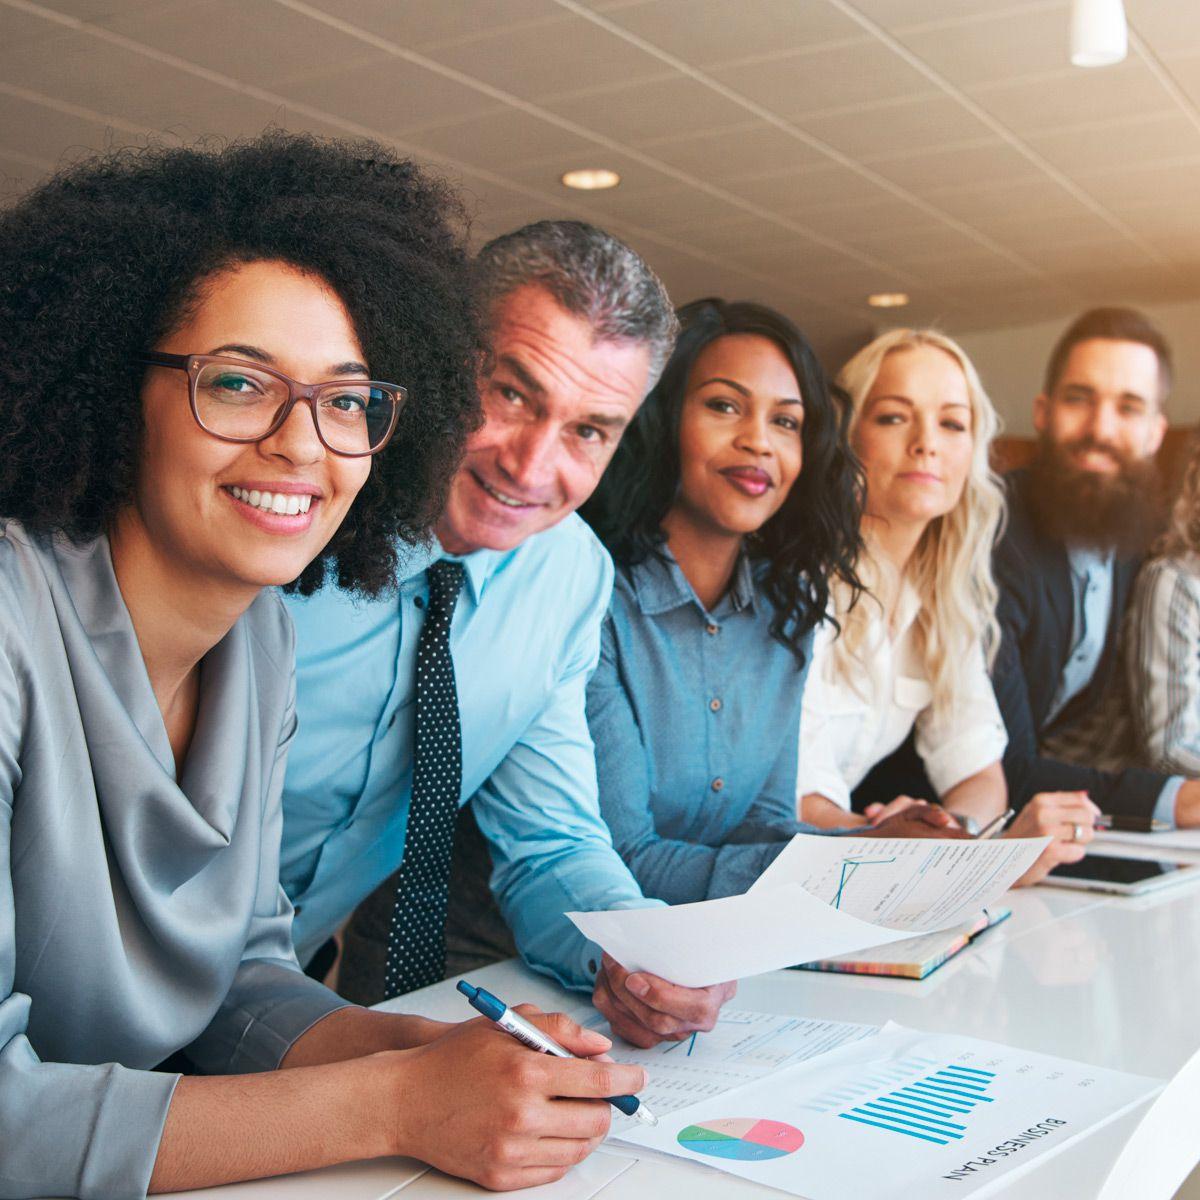 Formação de Business Partner  - PUC Minas